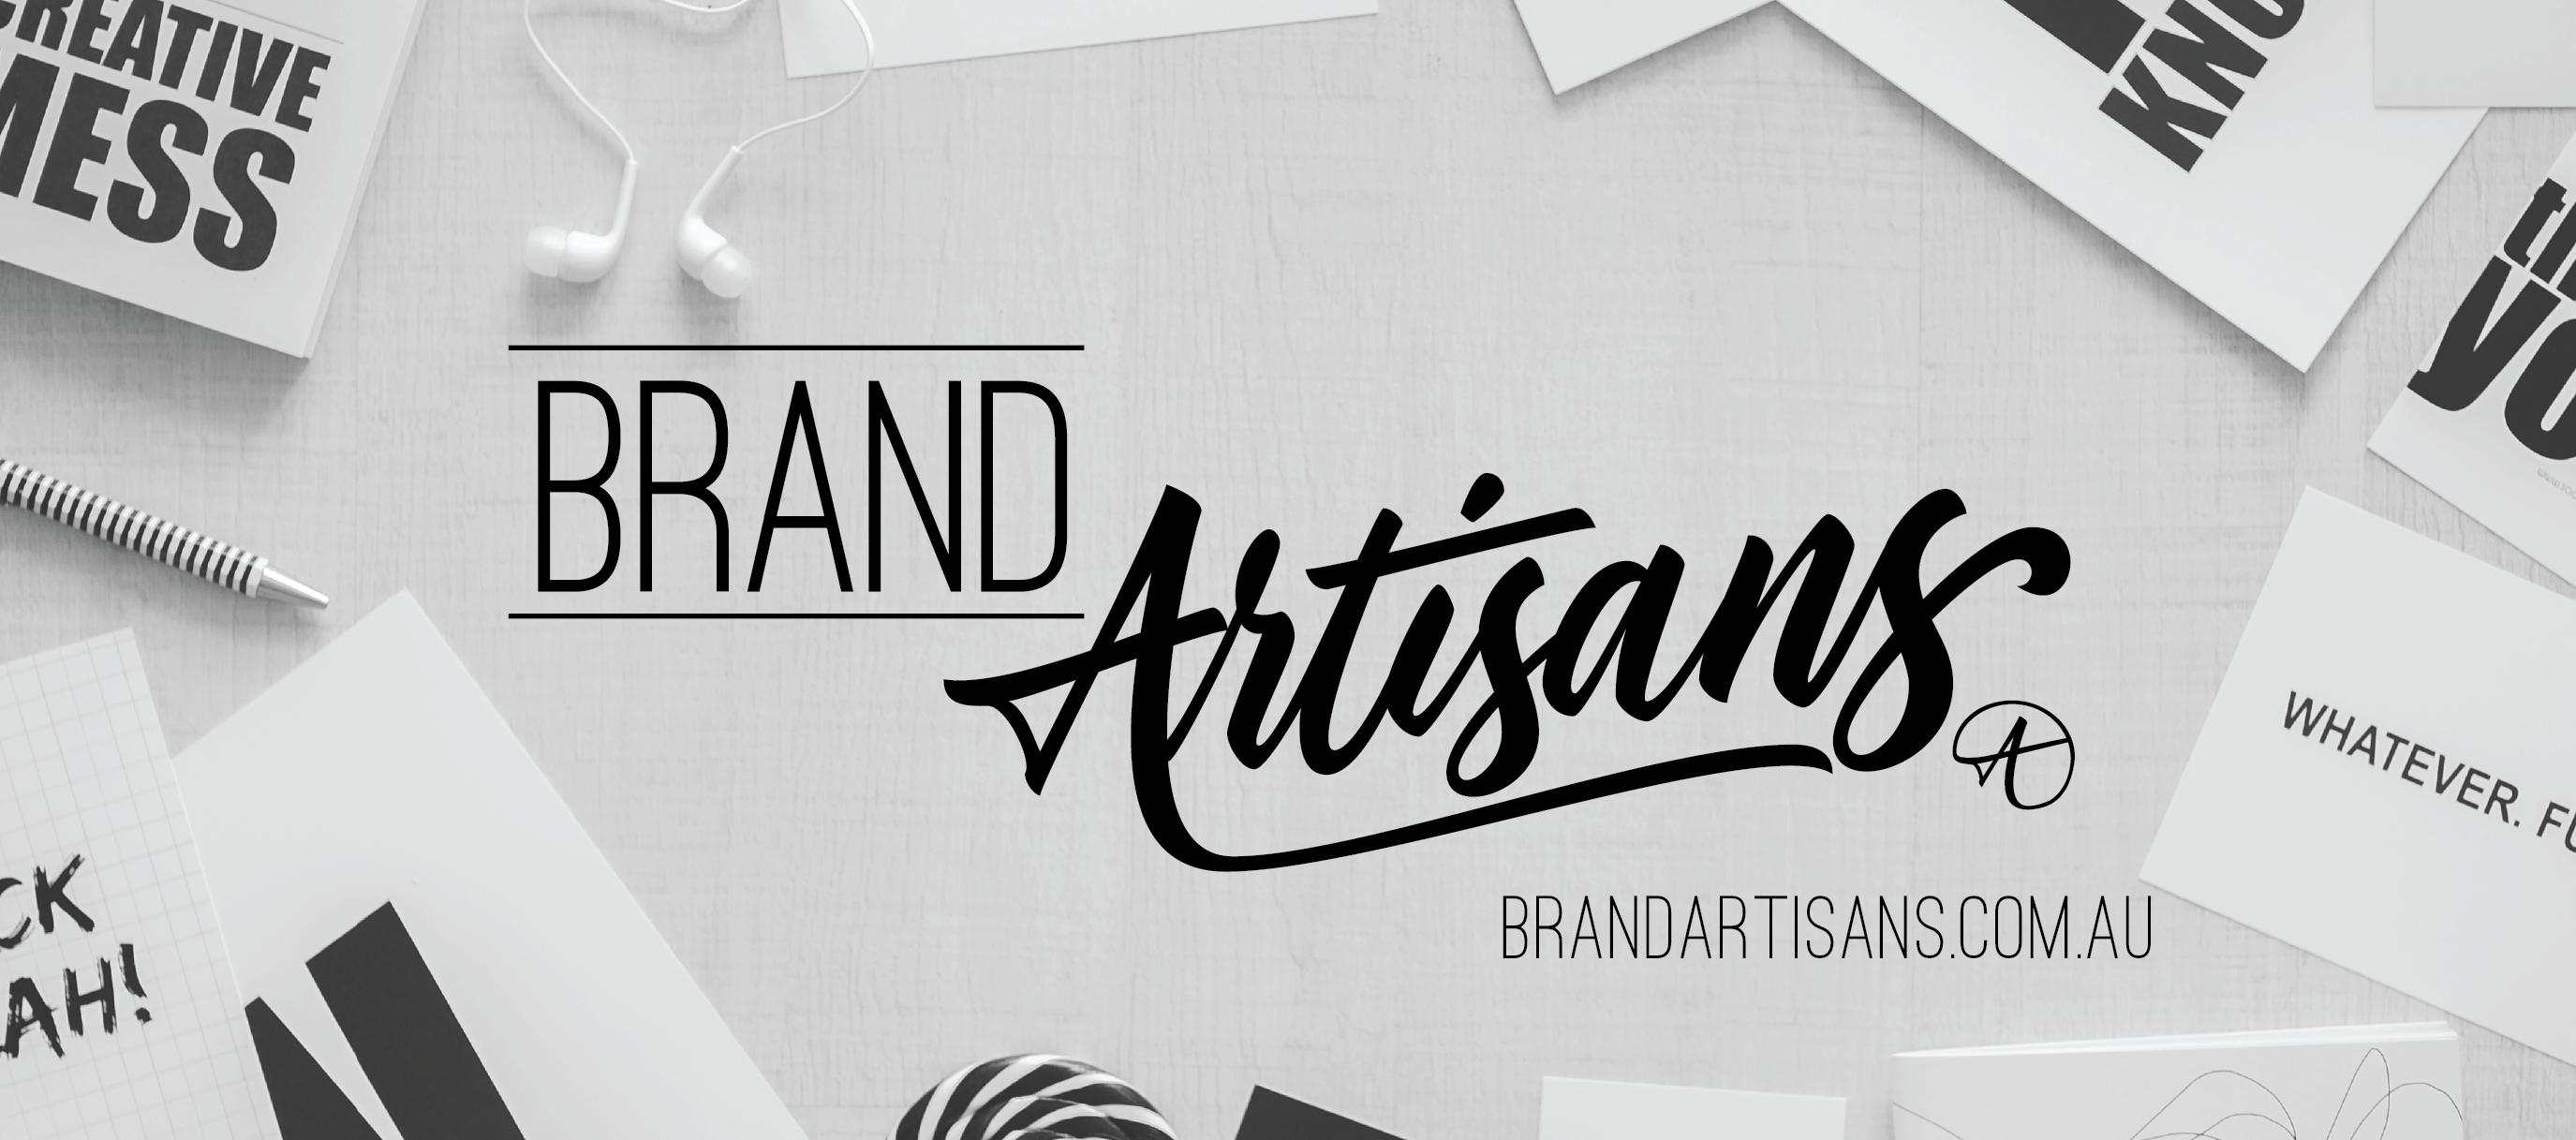 Brand Artisans Online - Design, Branding, Logos, Websites